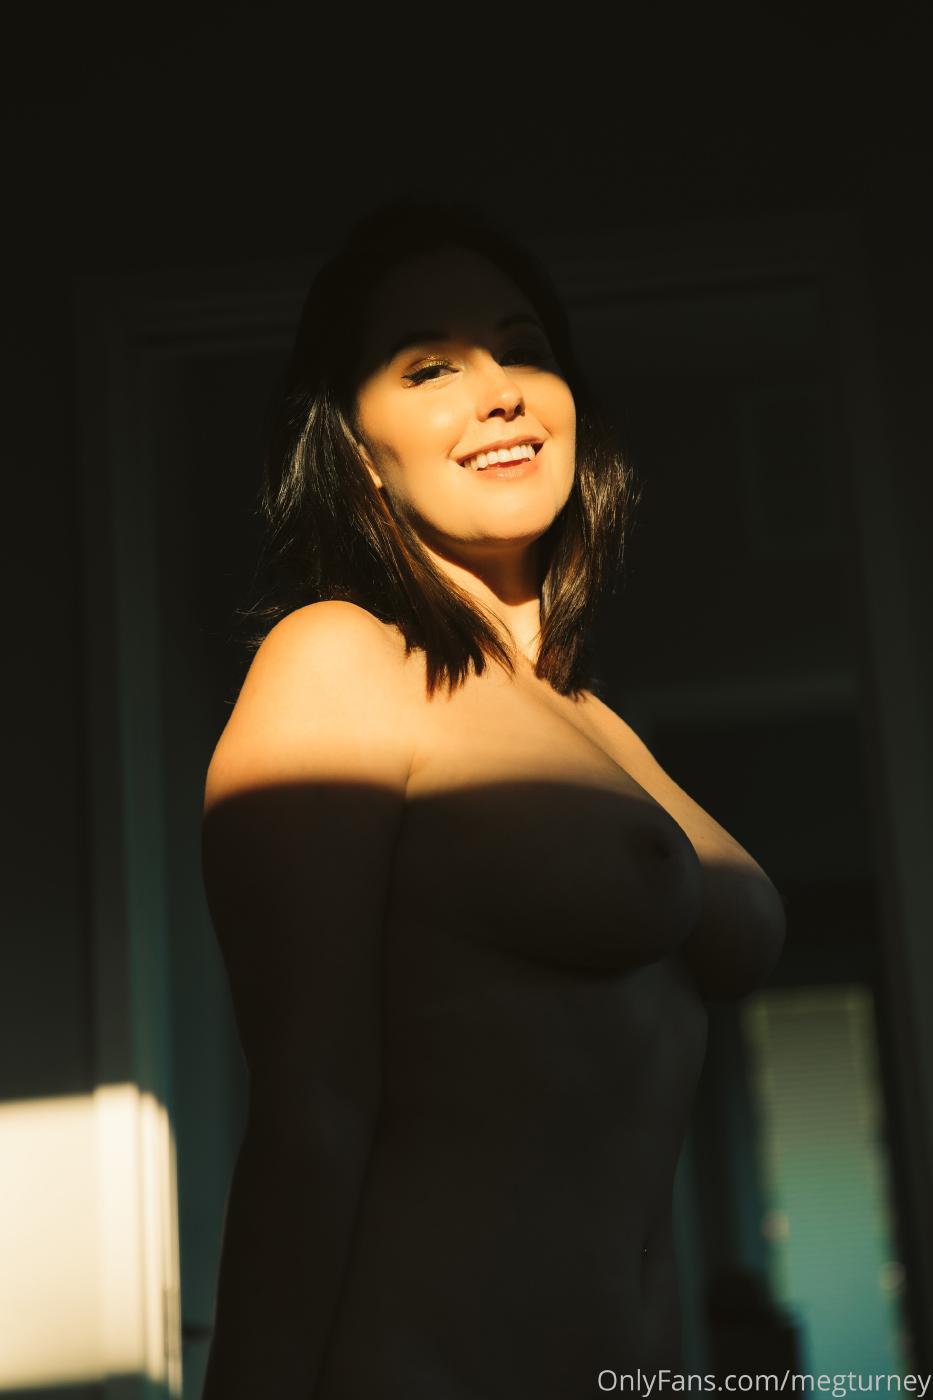 Meg Turney Nude Sunset Onlyfans Set Leaked Mhijgj